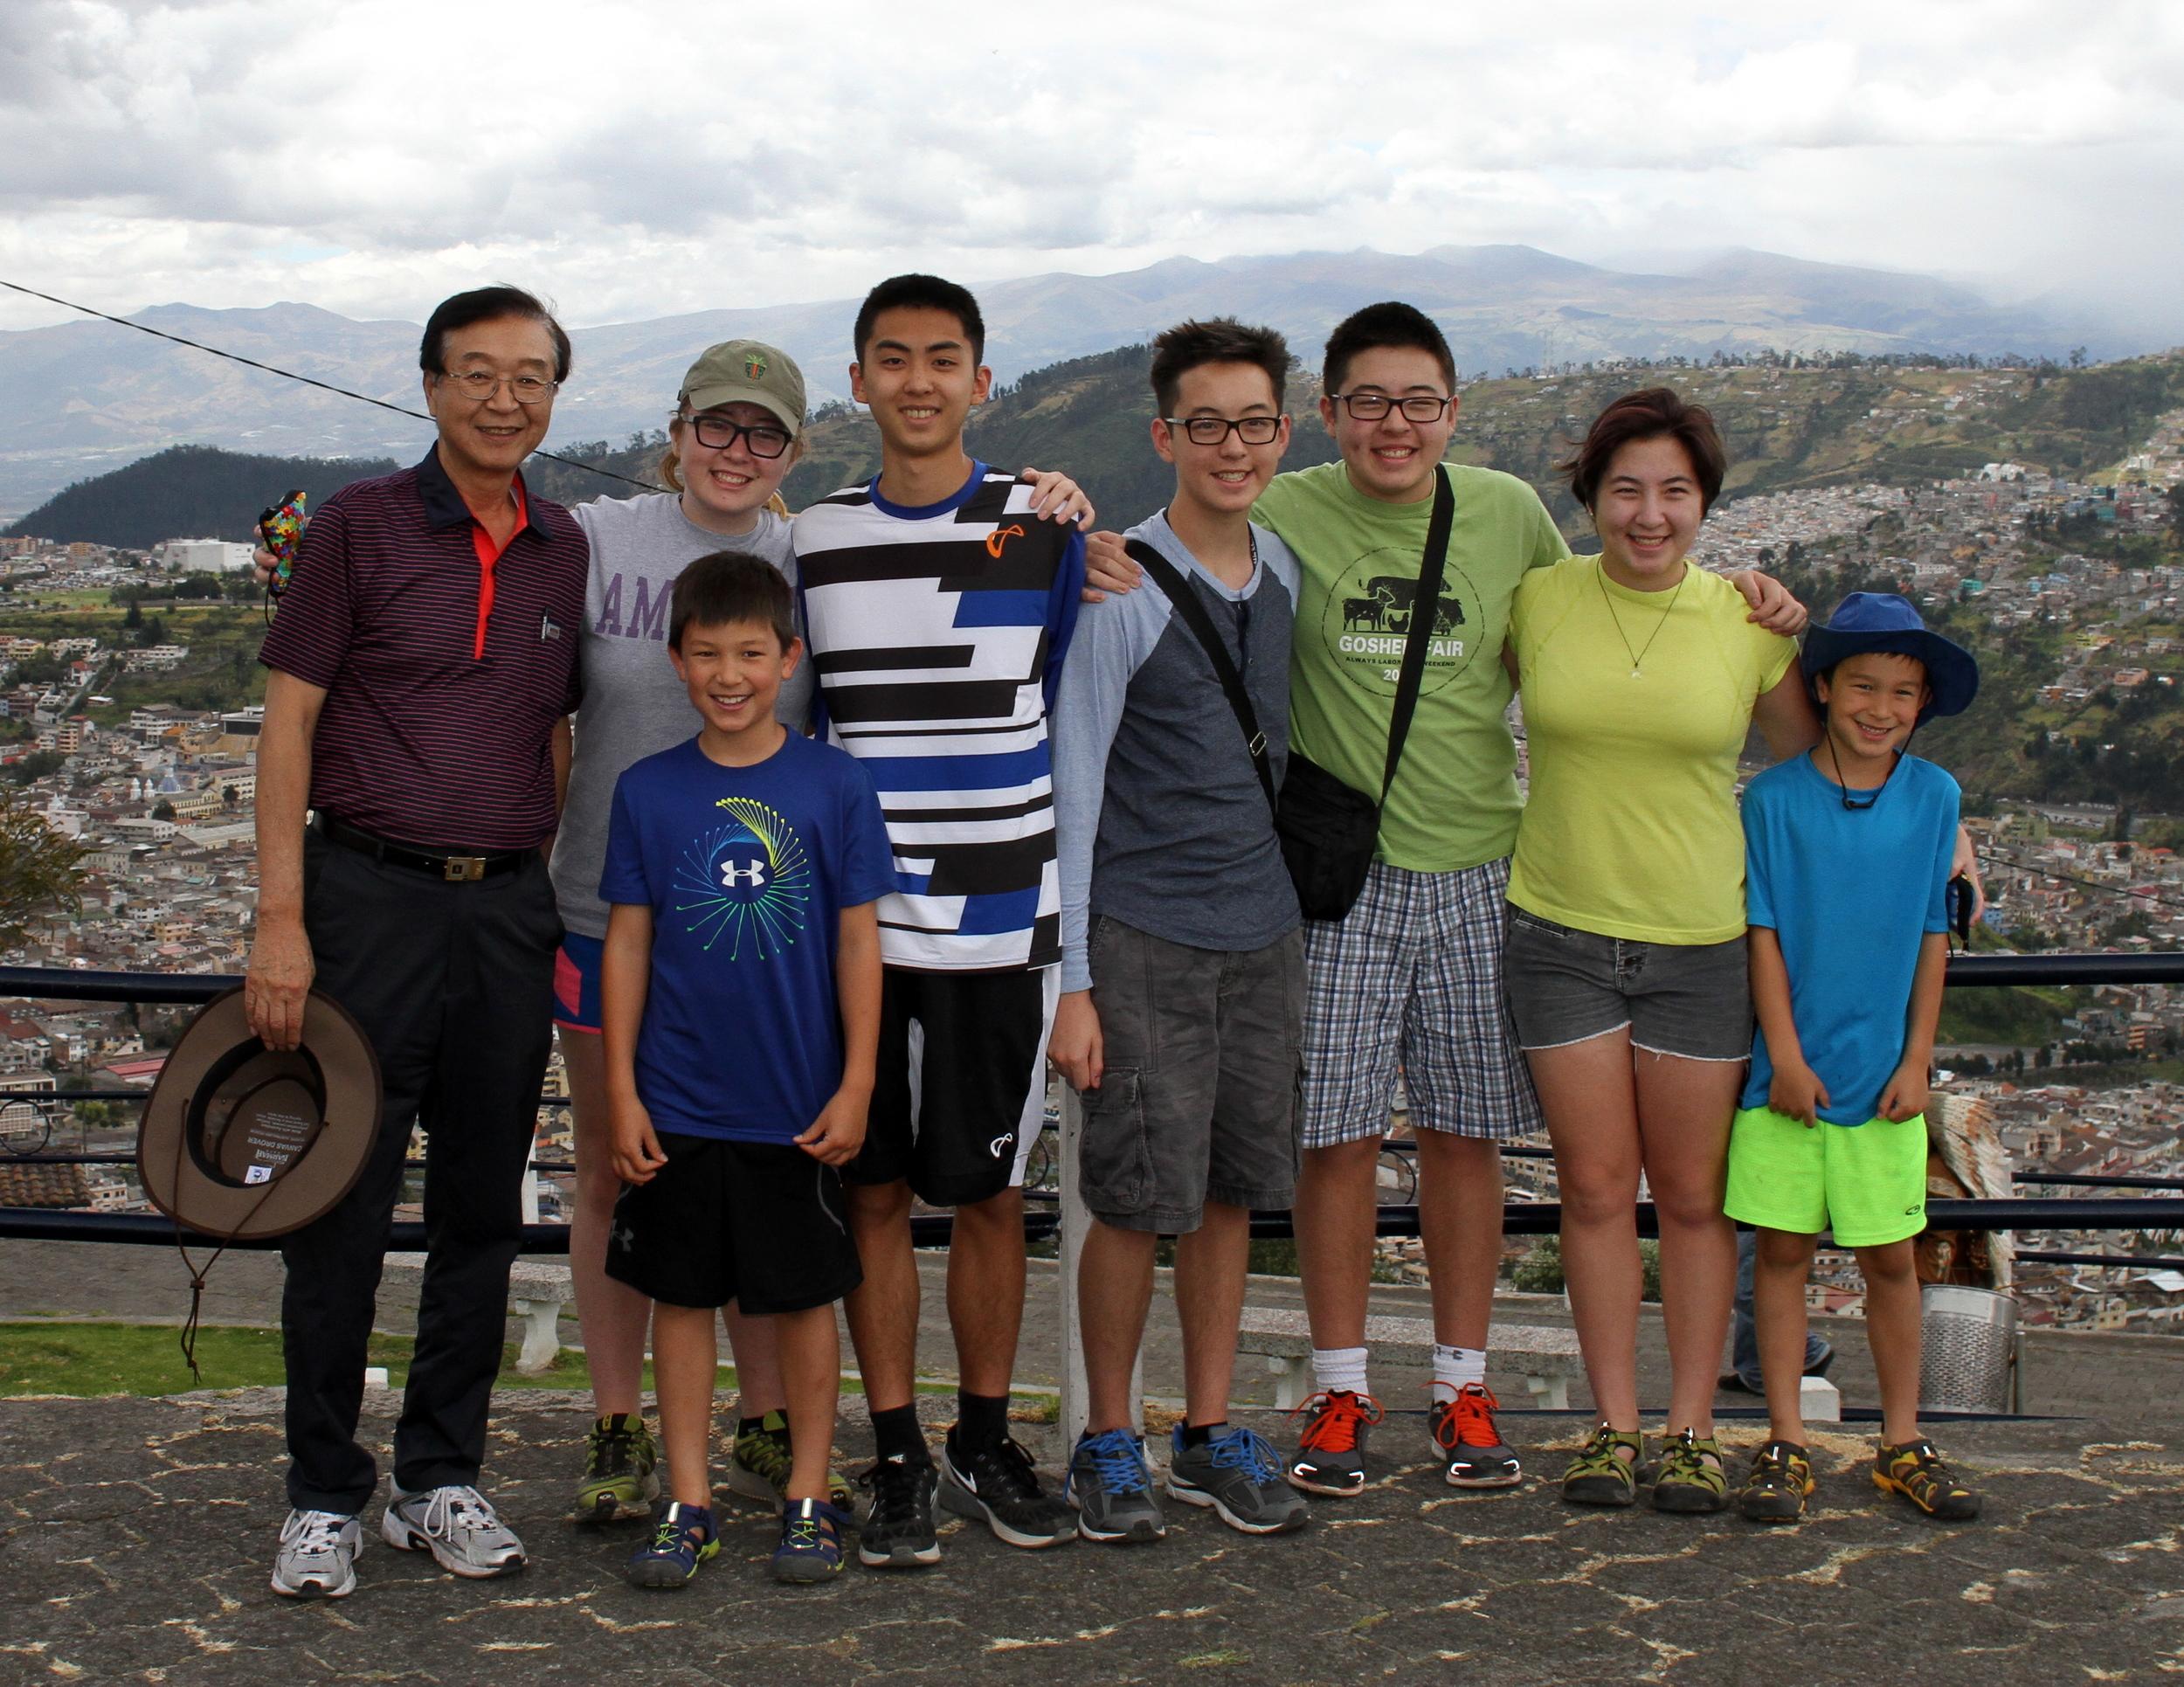 Chan Il Chung with his grandchildren in Ecuador, 2015